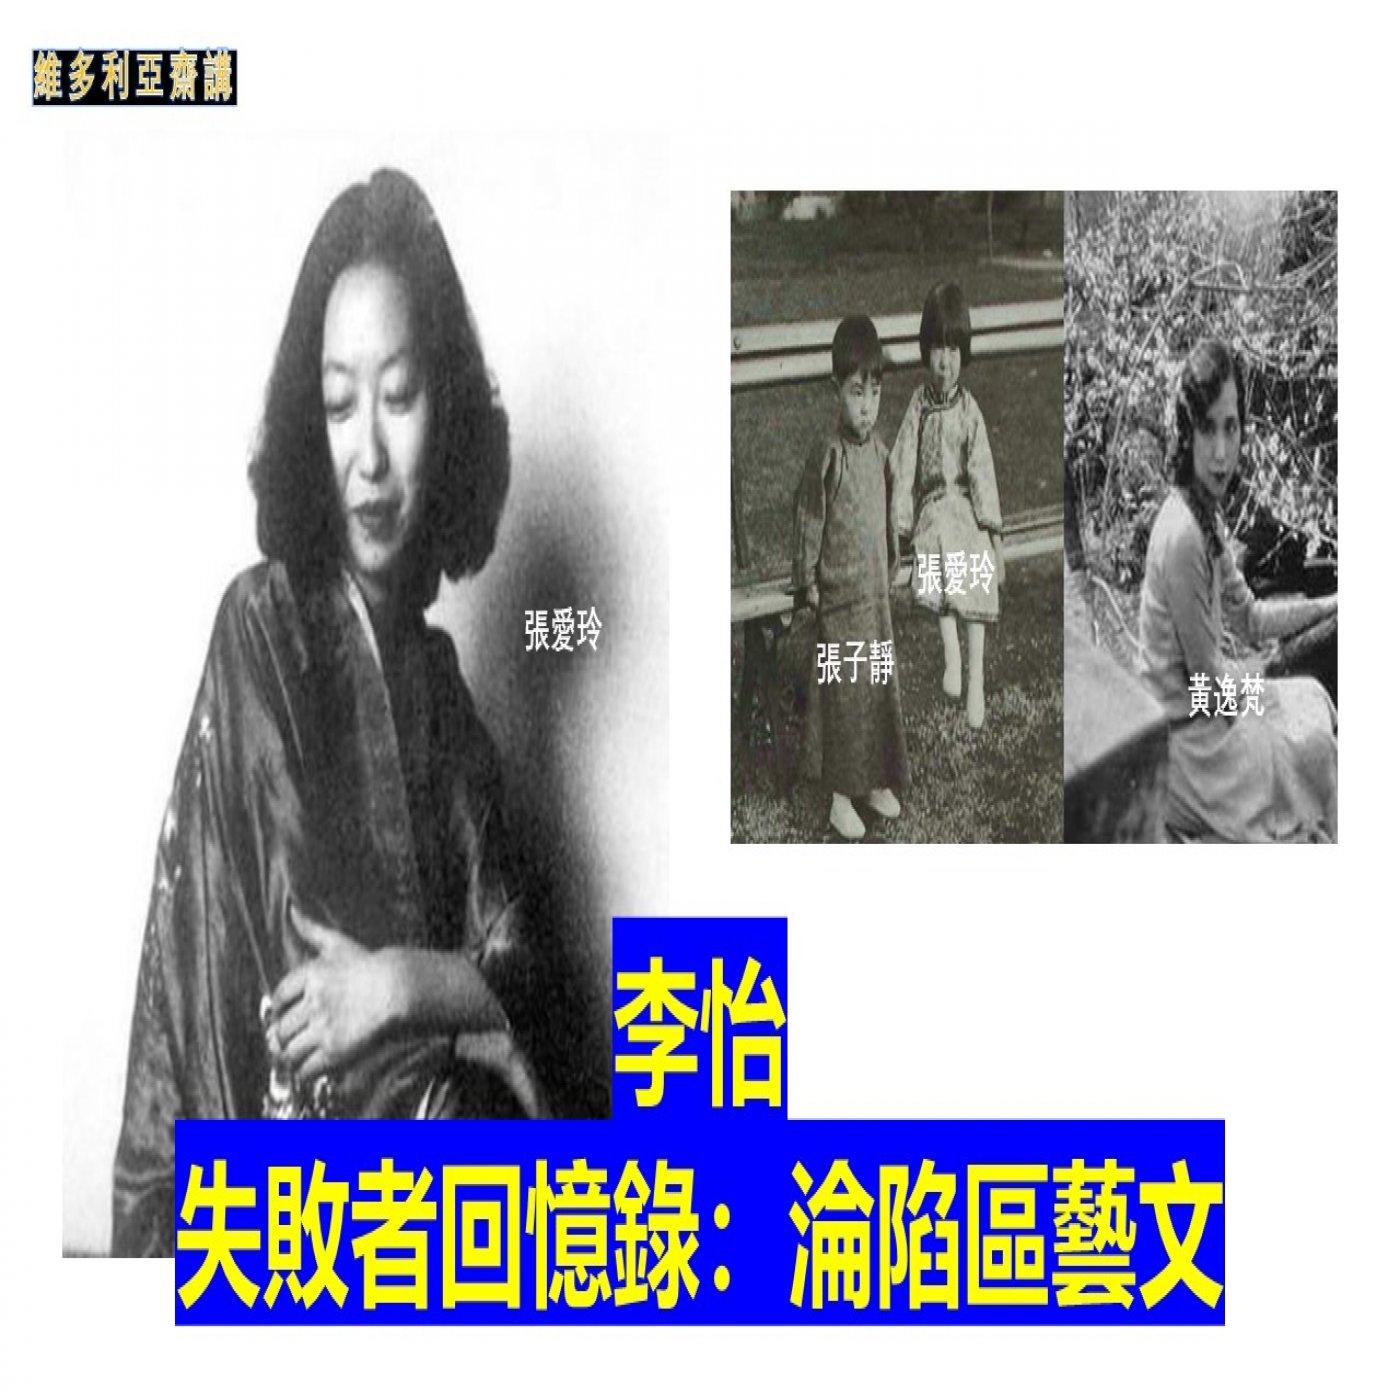 李怡:失敗者回憶錄:淪陷區藝文